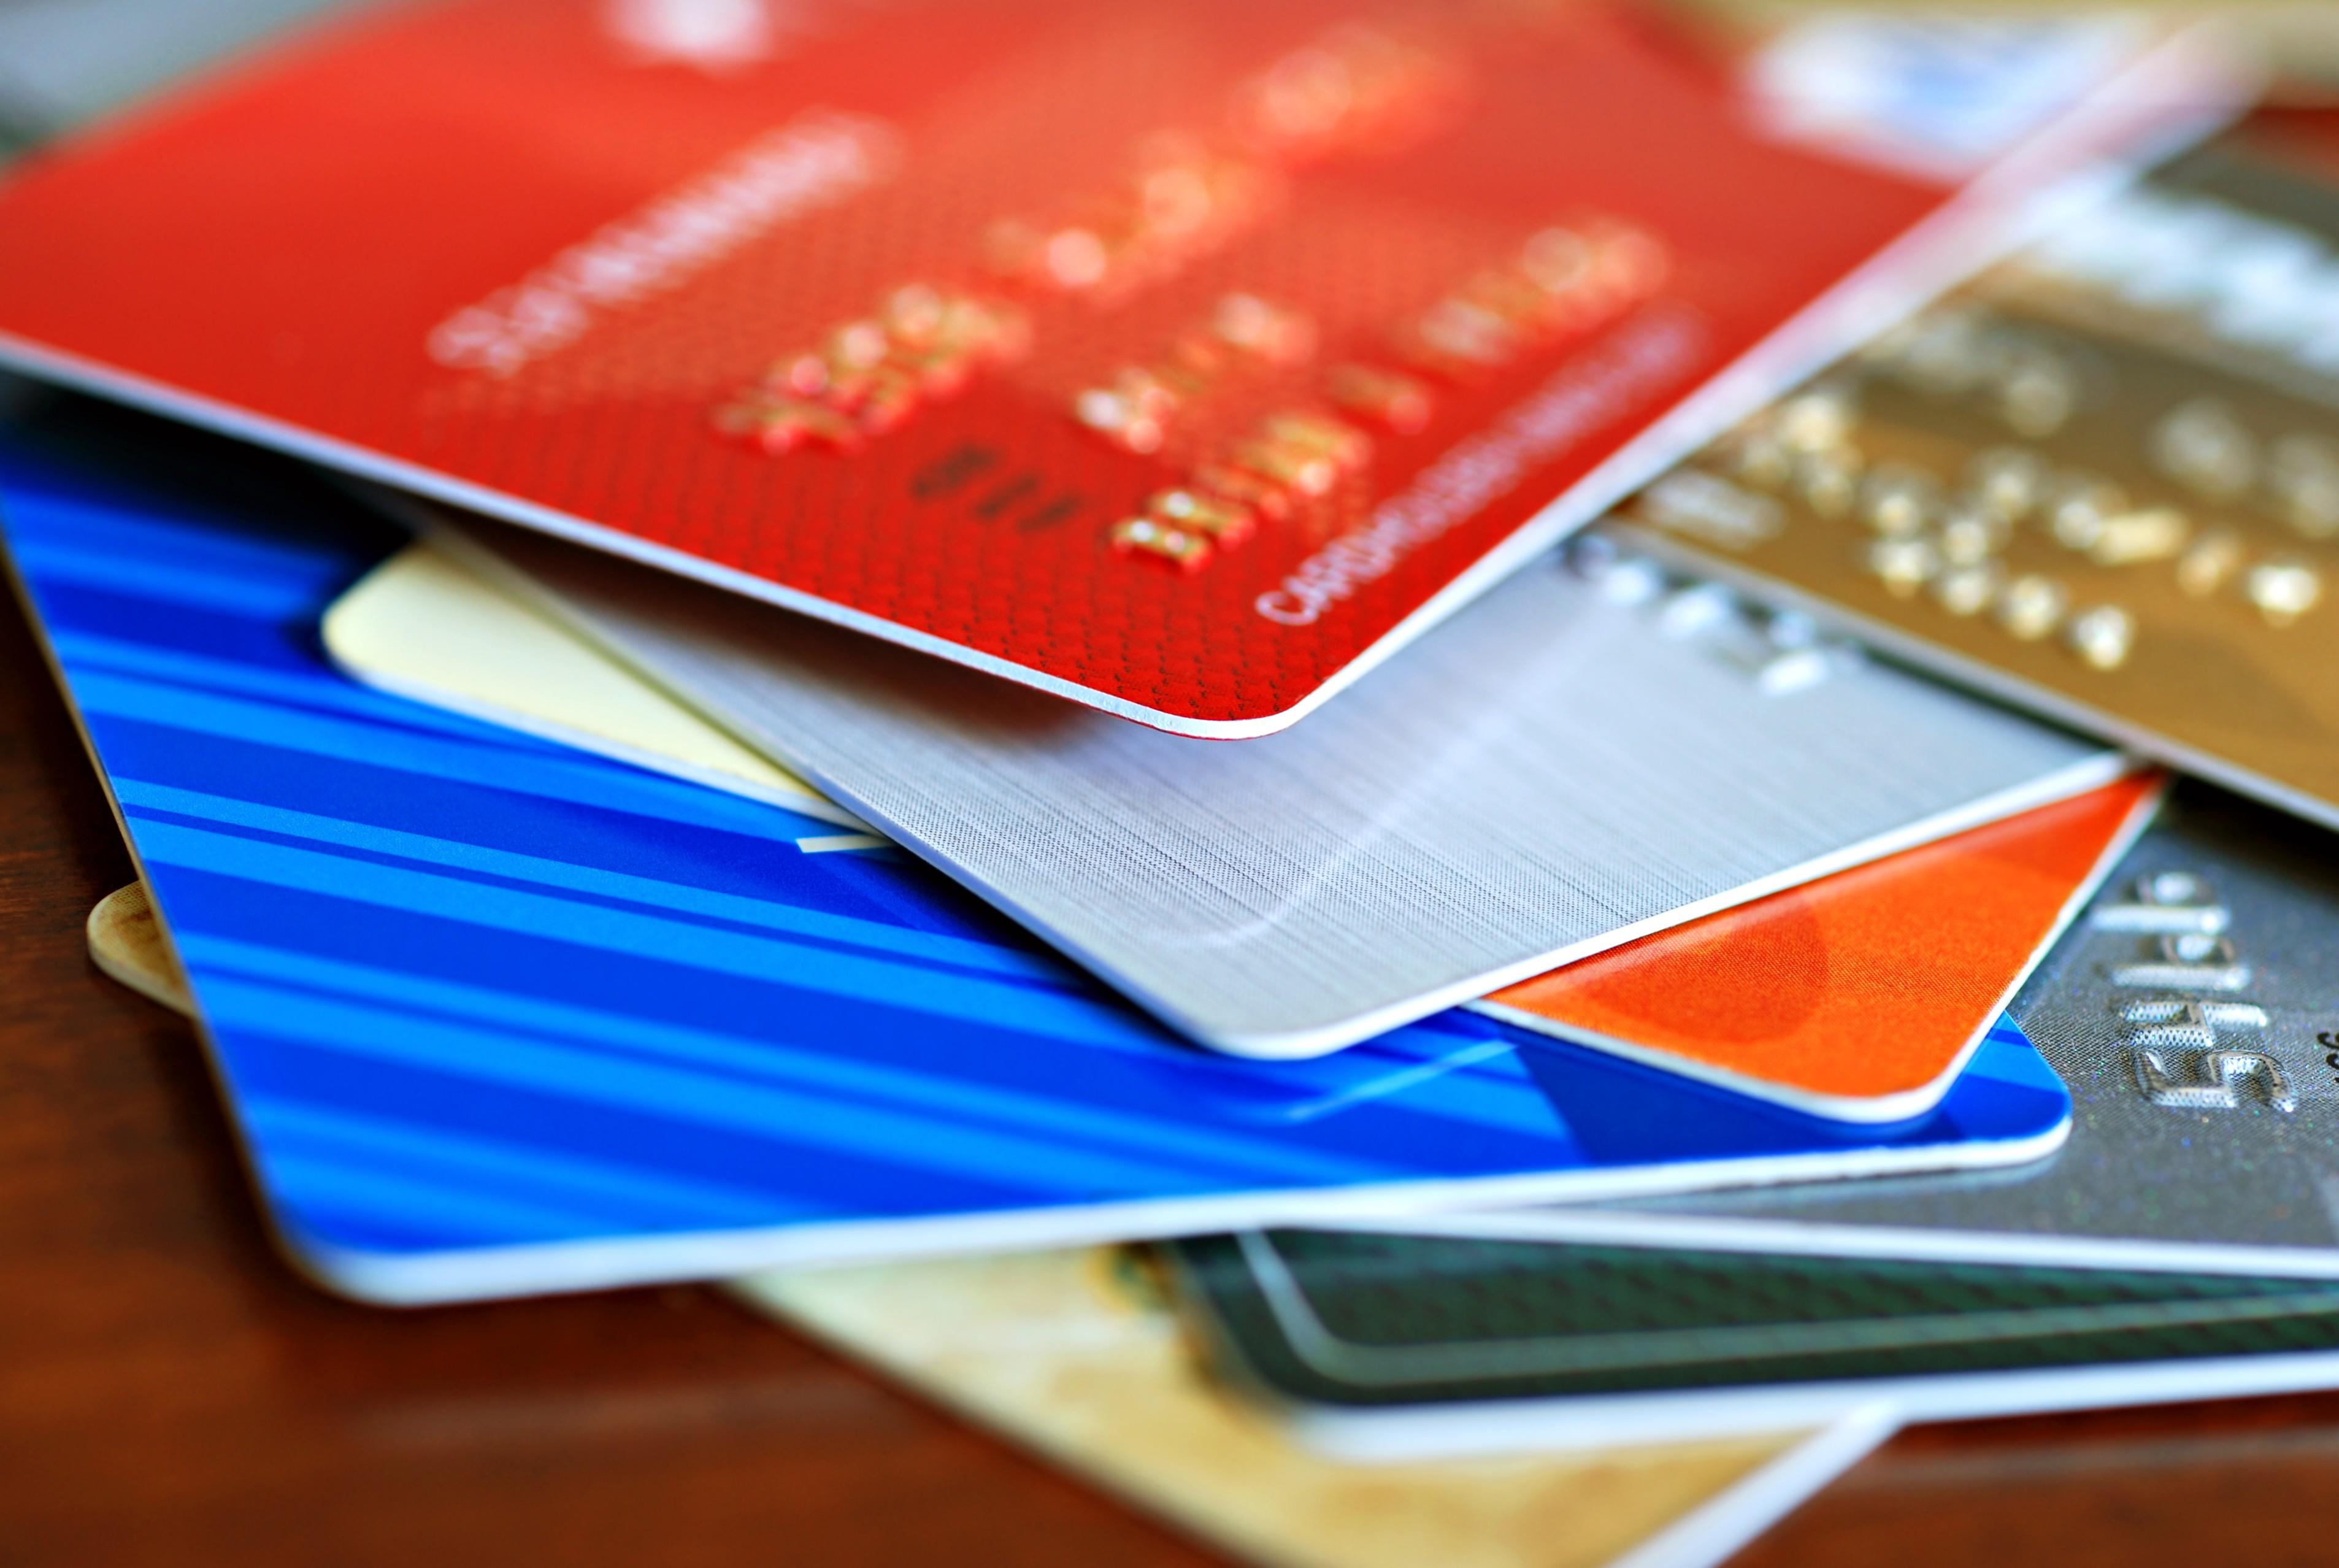 Российские банки выдали рекордное количество кредитных карт, банк, Россия, Кредит, Кредитные карты